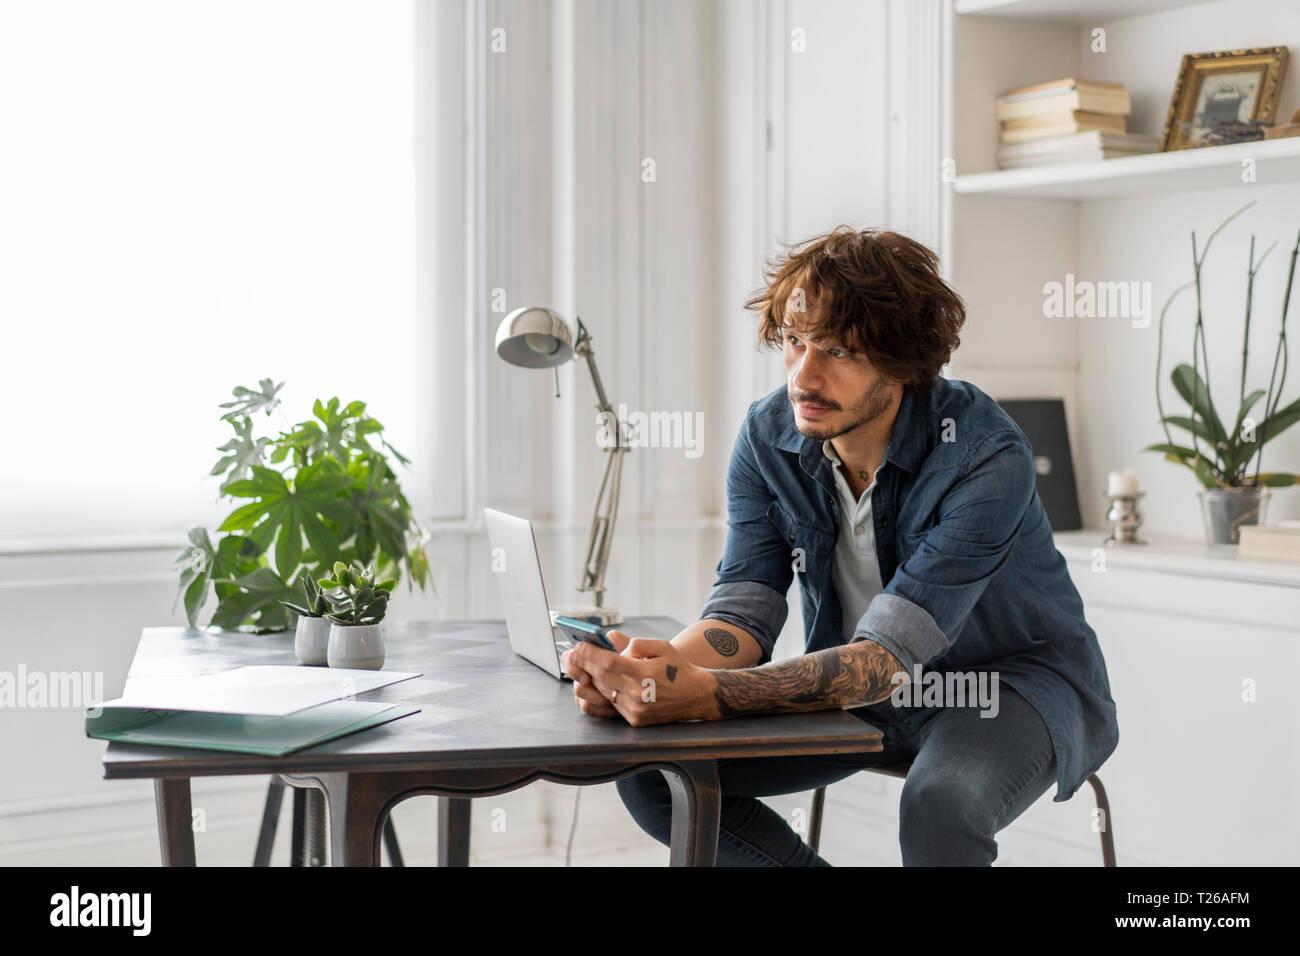 Hombre trabajando en espacio de coworking, usando smartphone, pensando Foto de stock